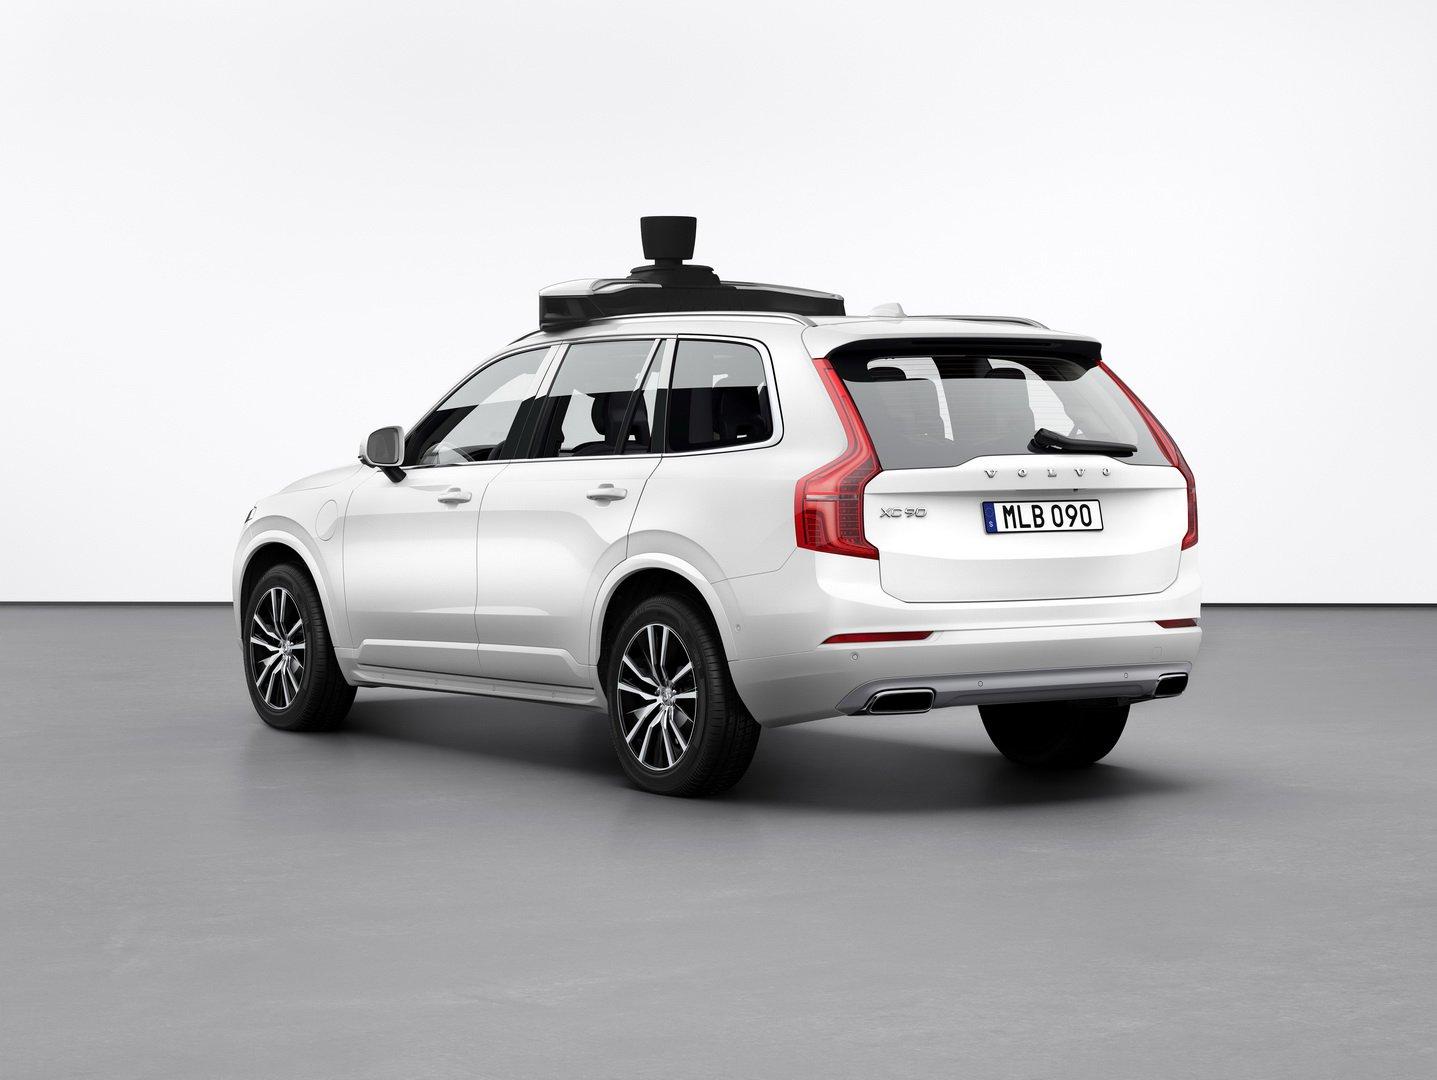 Volvo-XC90-autonomous-Uber-3